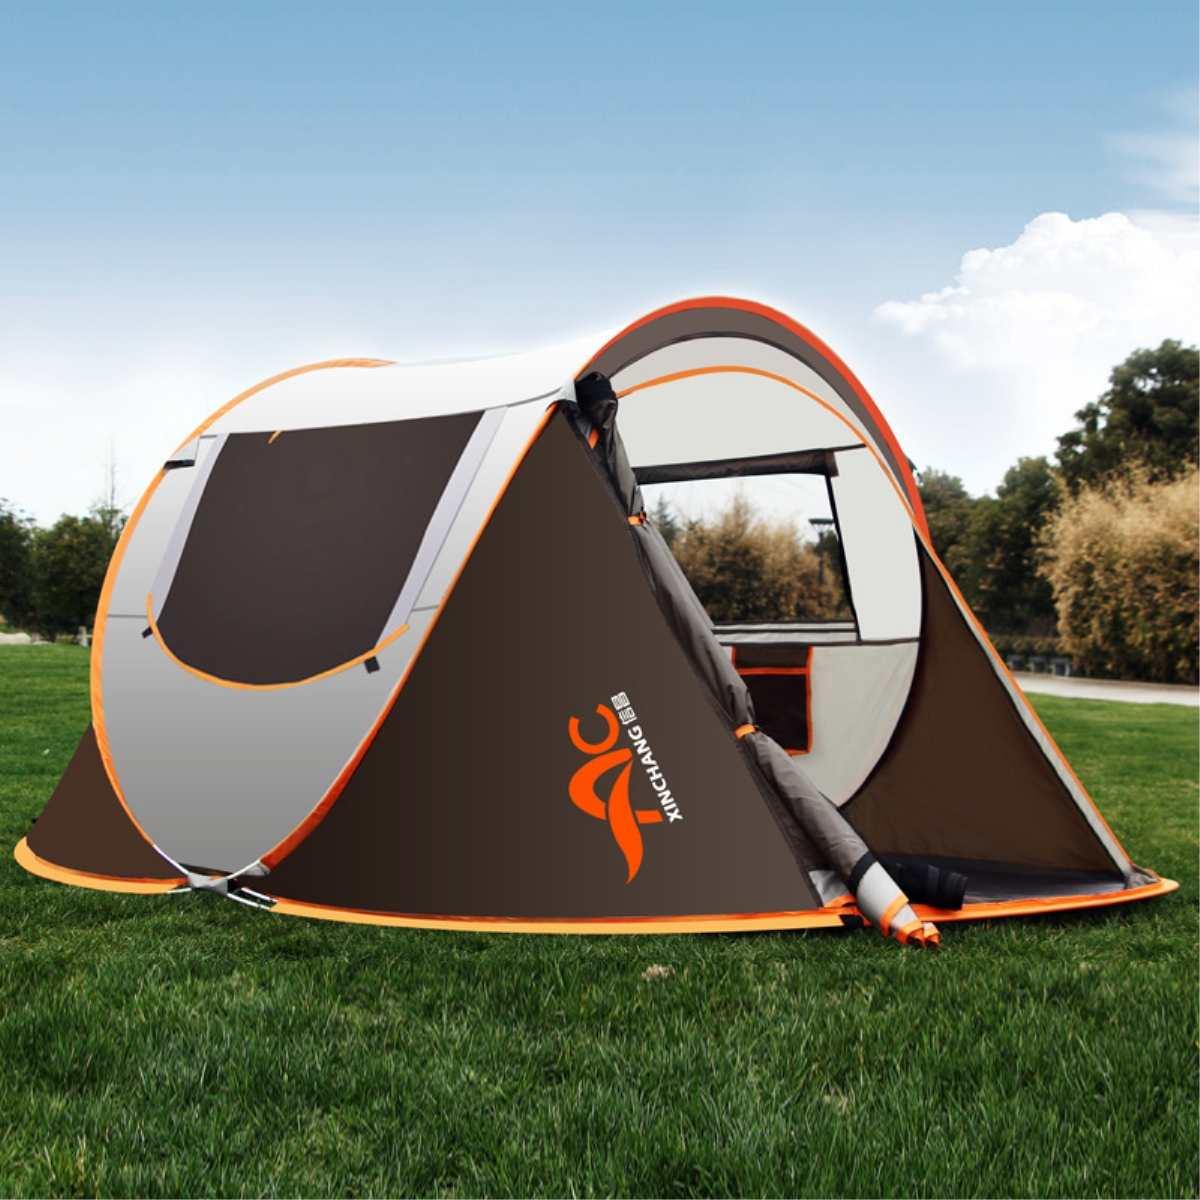 Tente-roulotte Grand Étanche auvent pare-soleil store extérieur 3-4 Personnes En Plein Air Pêche Randonnée Camping Accessoires Portable Kits